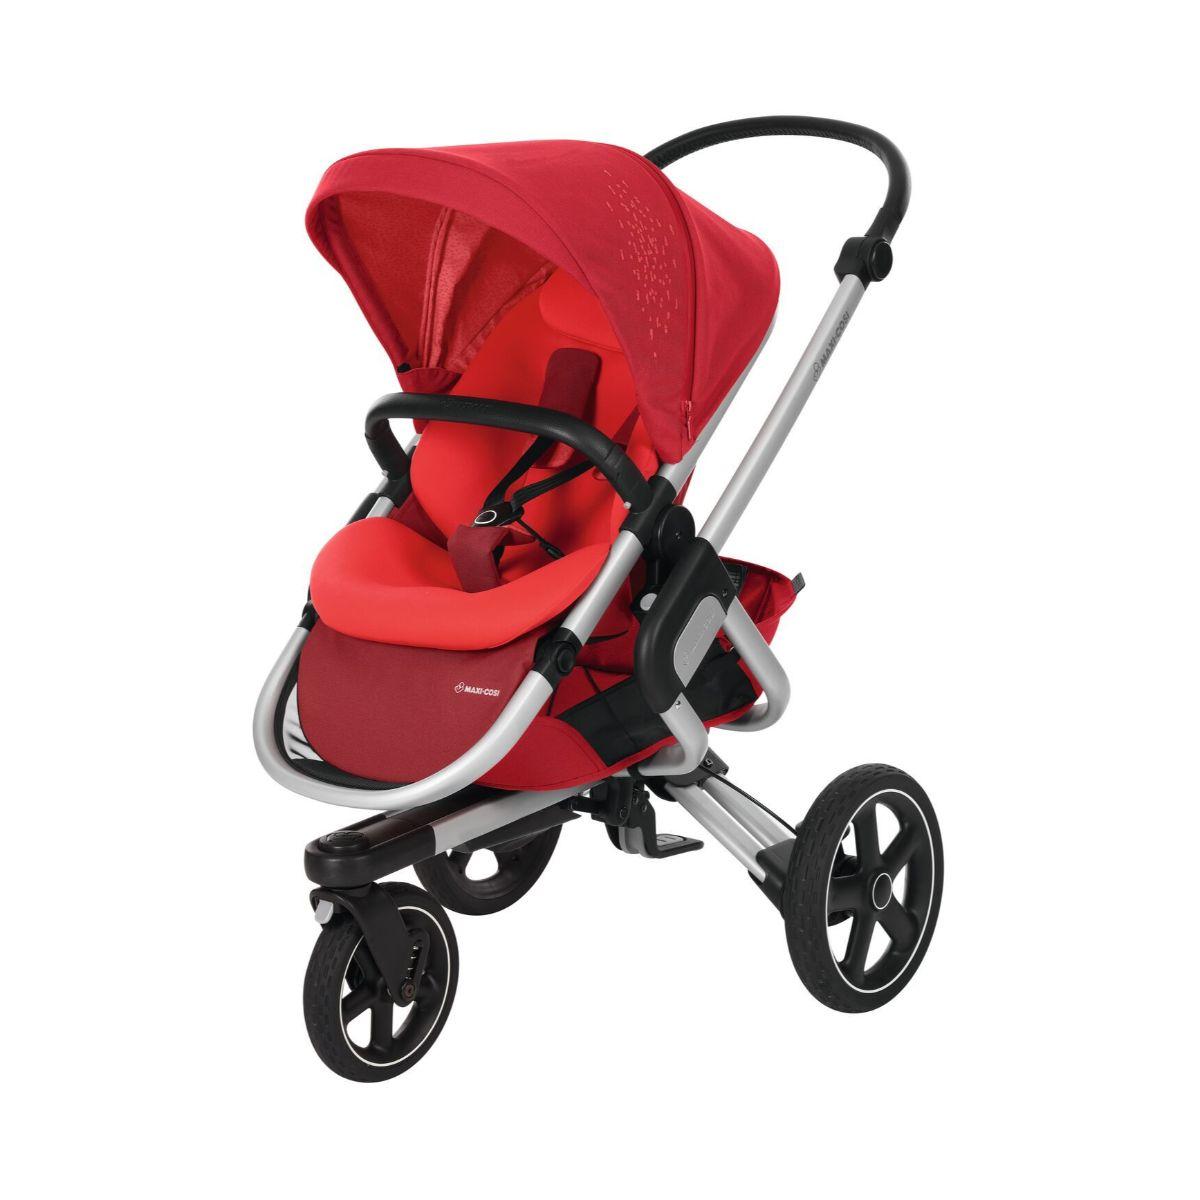 Carucior Sport Maxi-Cosi Nova 3 Vivid, Red